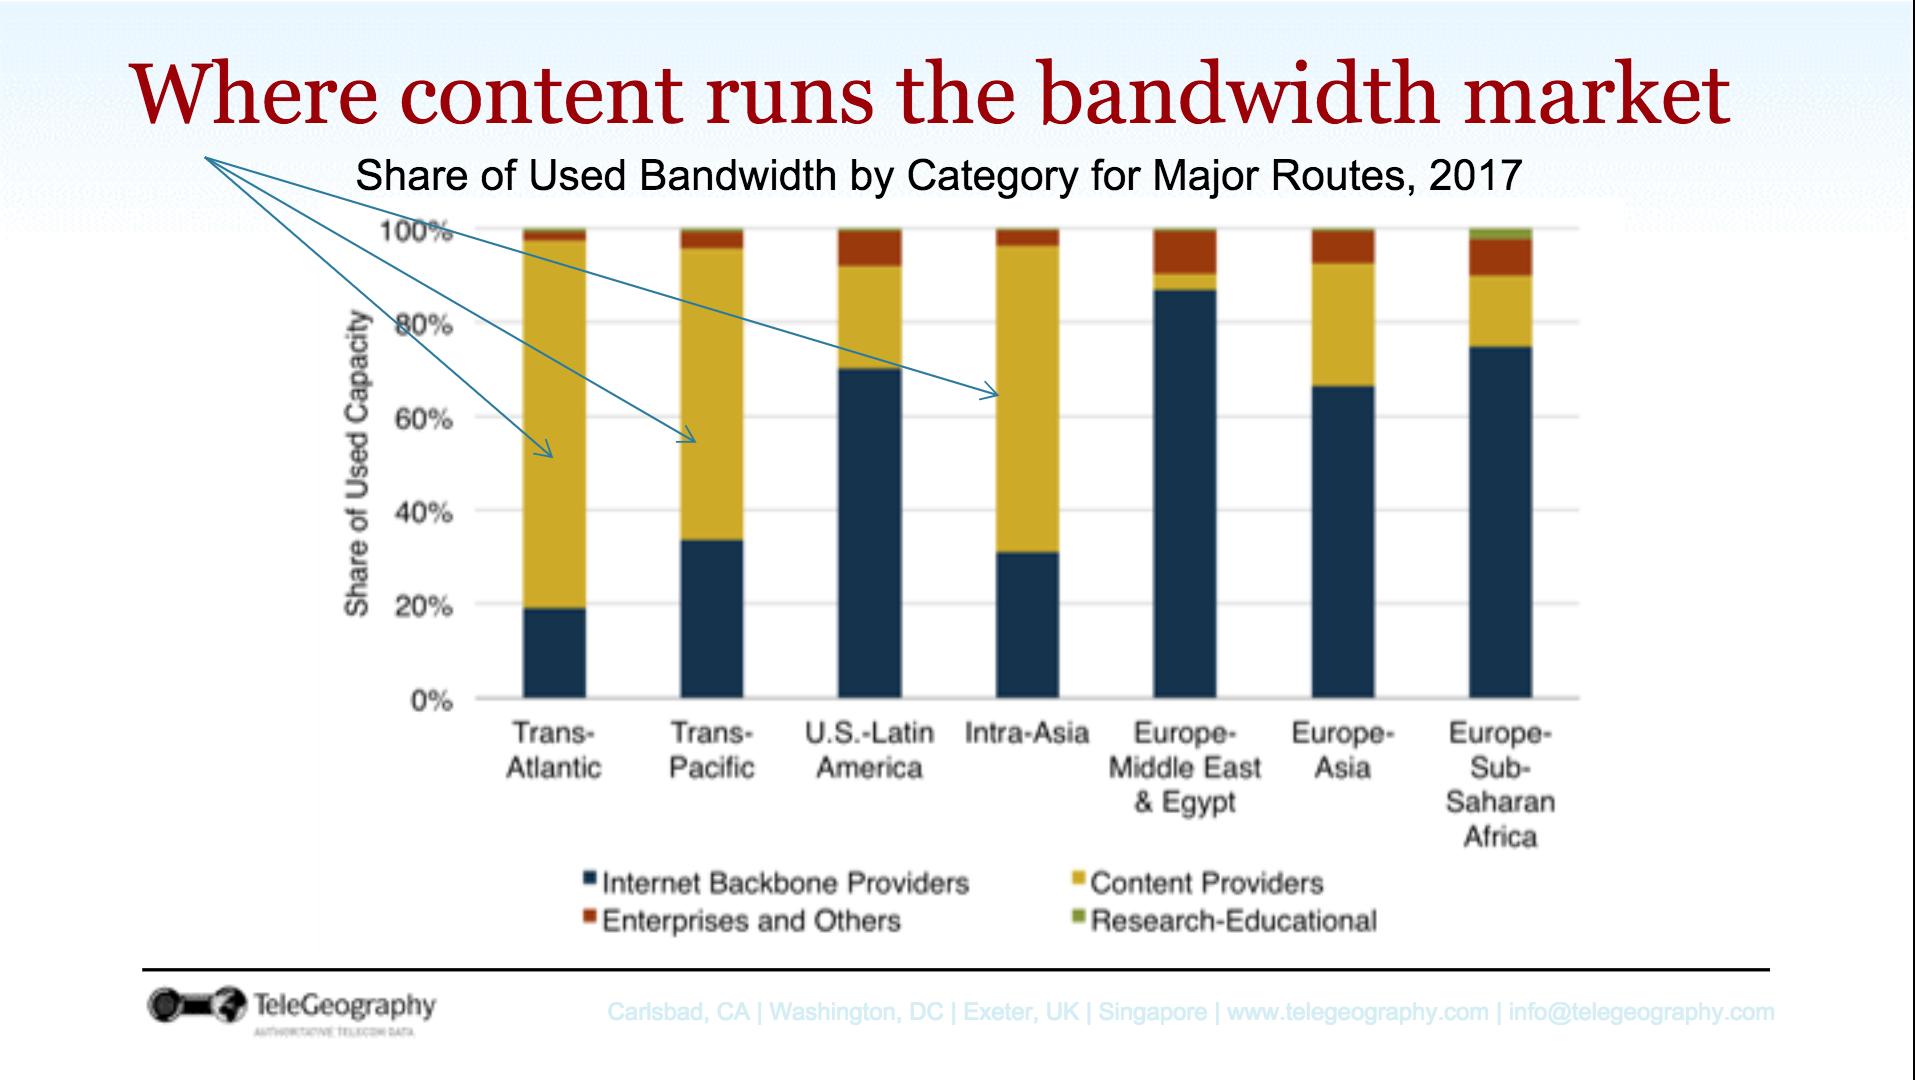 Where content runs the bandwidth market